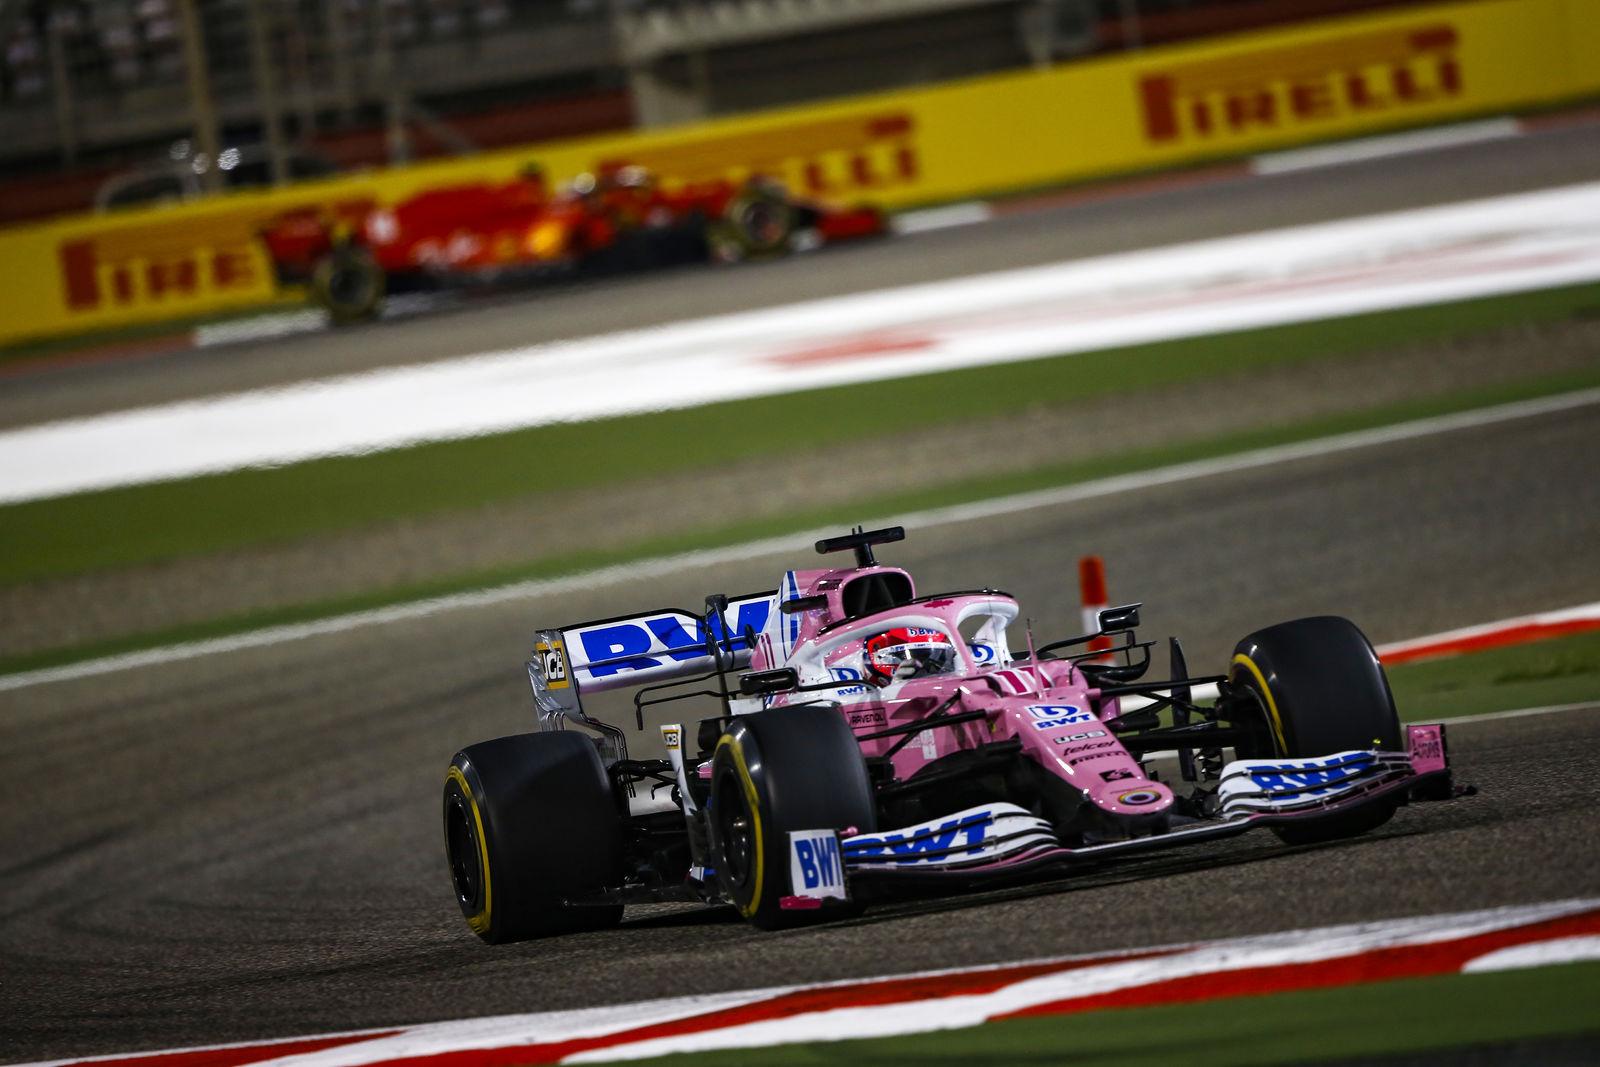 F1 - C'est un problème de MGU-K qui a forcé Perez à abandonner à Bahreïn